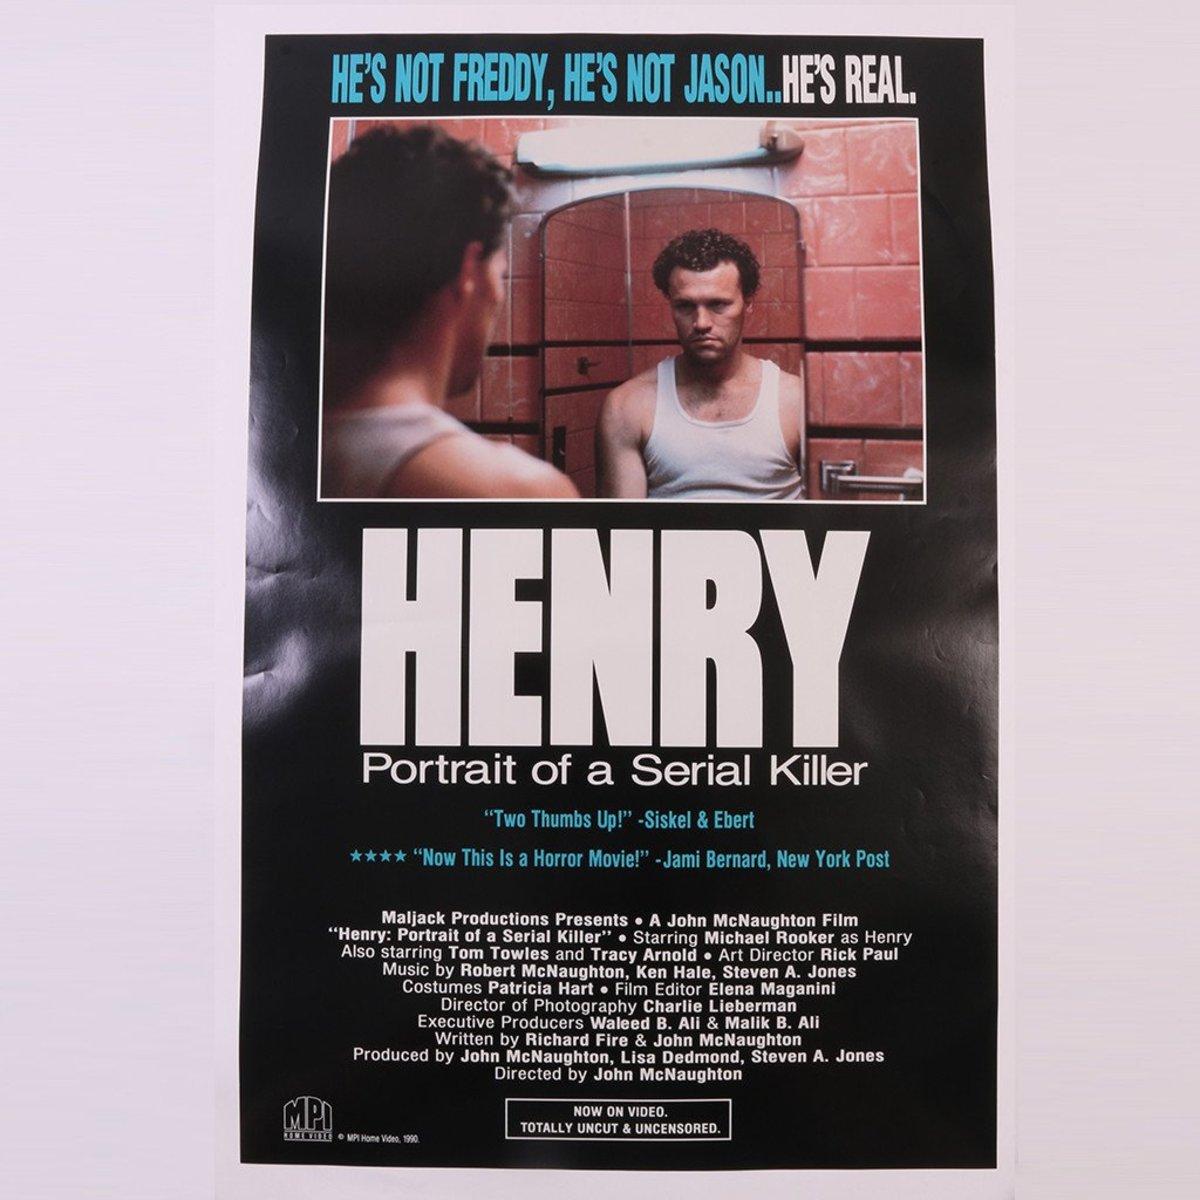 Henry: Mirror of a Serial Killer.